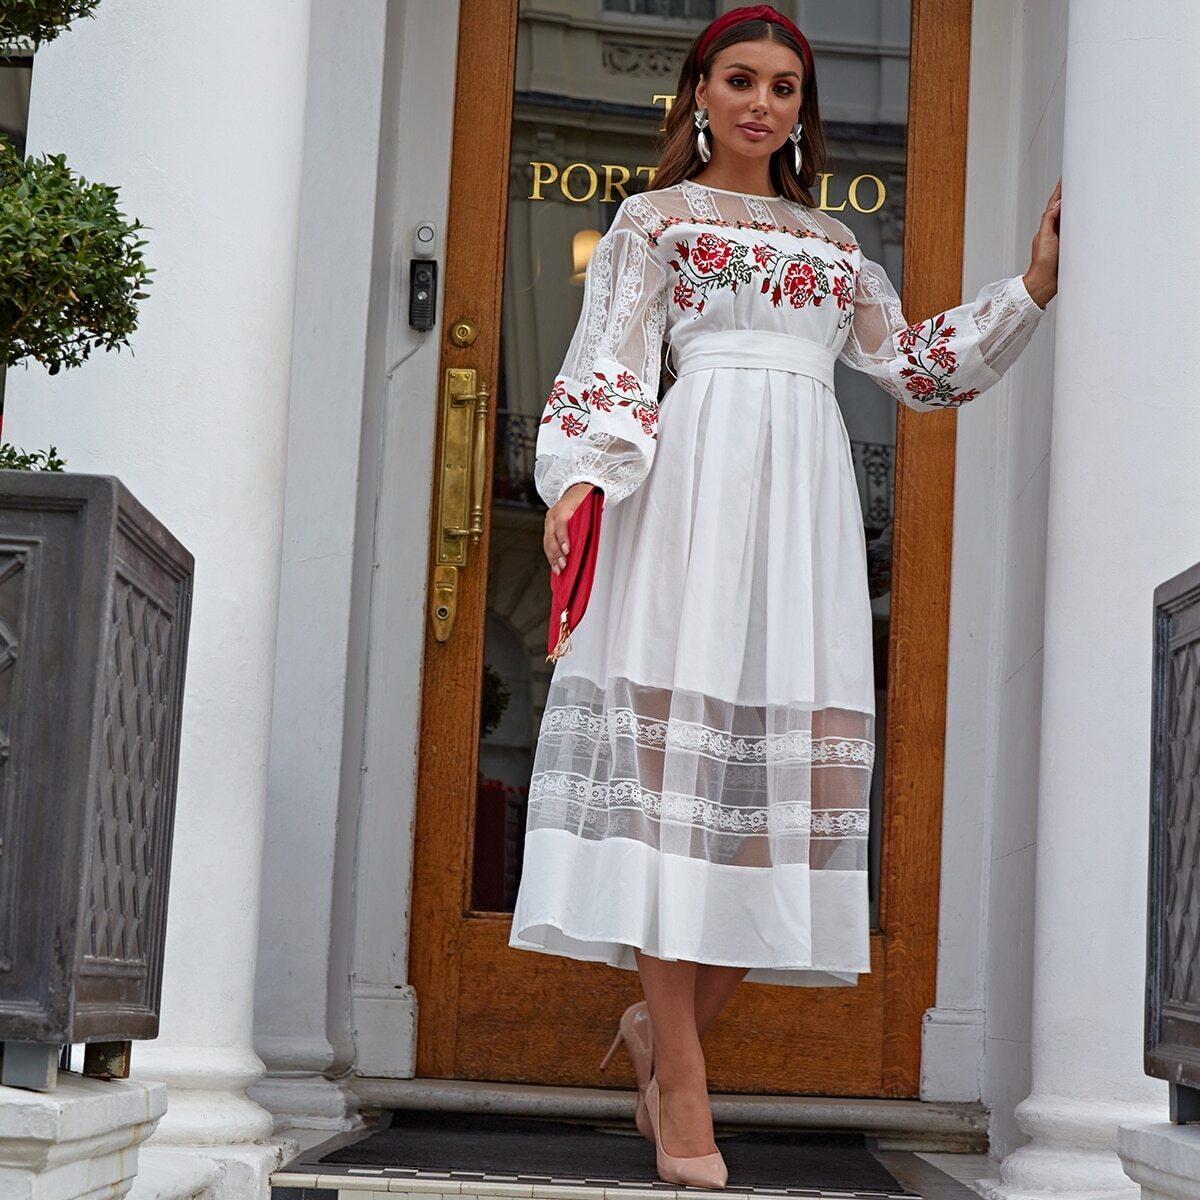 Воздушное Платье Из Фатина С Богатой Вышивкой Image